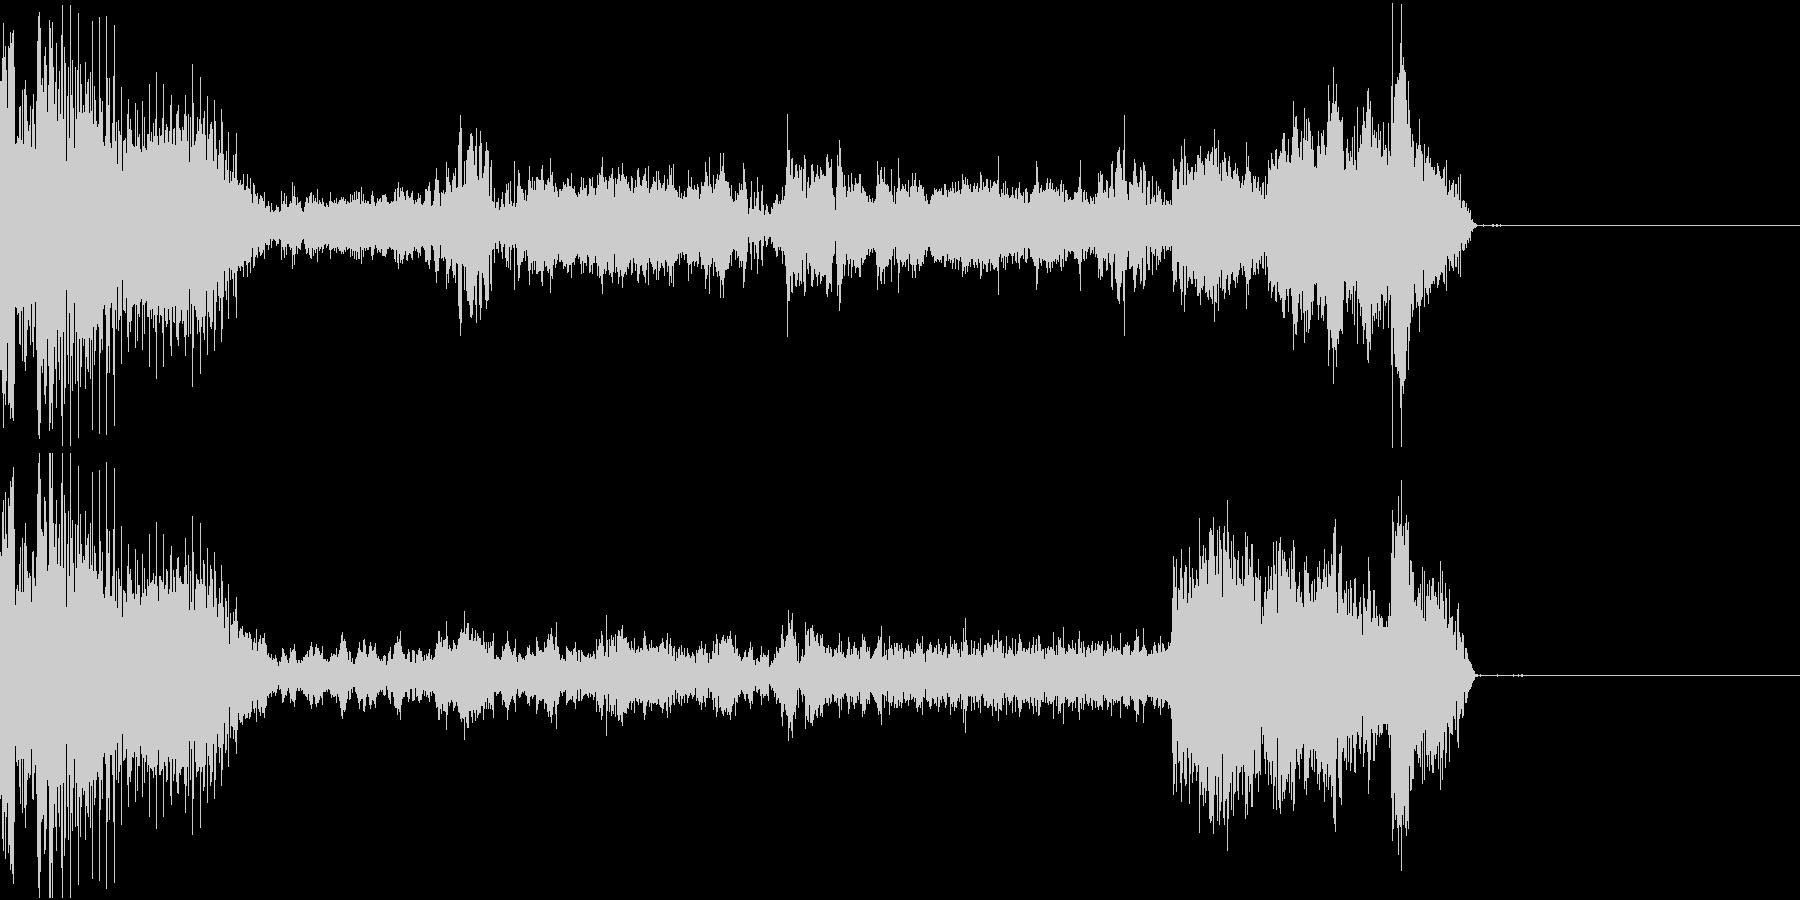 FMラジオ的ジングル8の未再生の波形